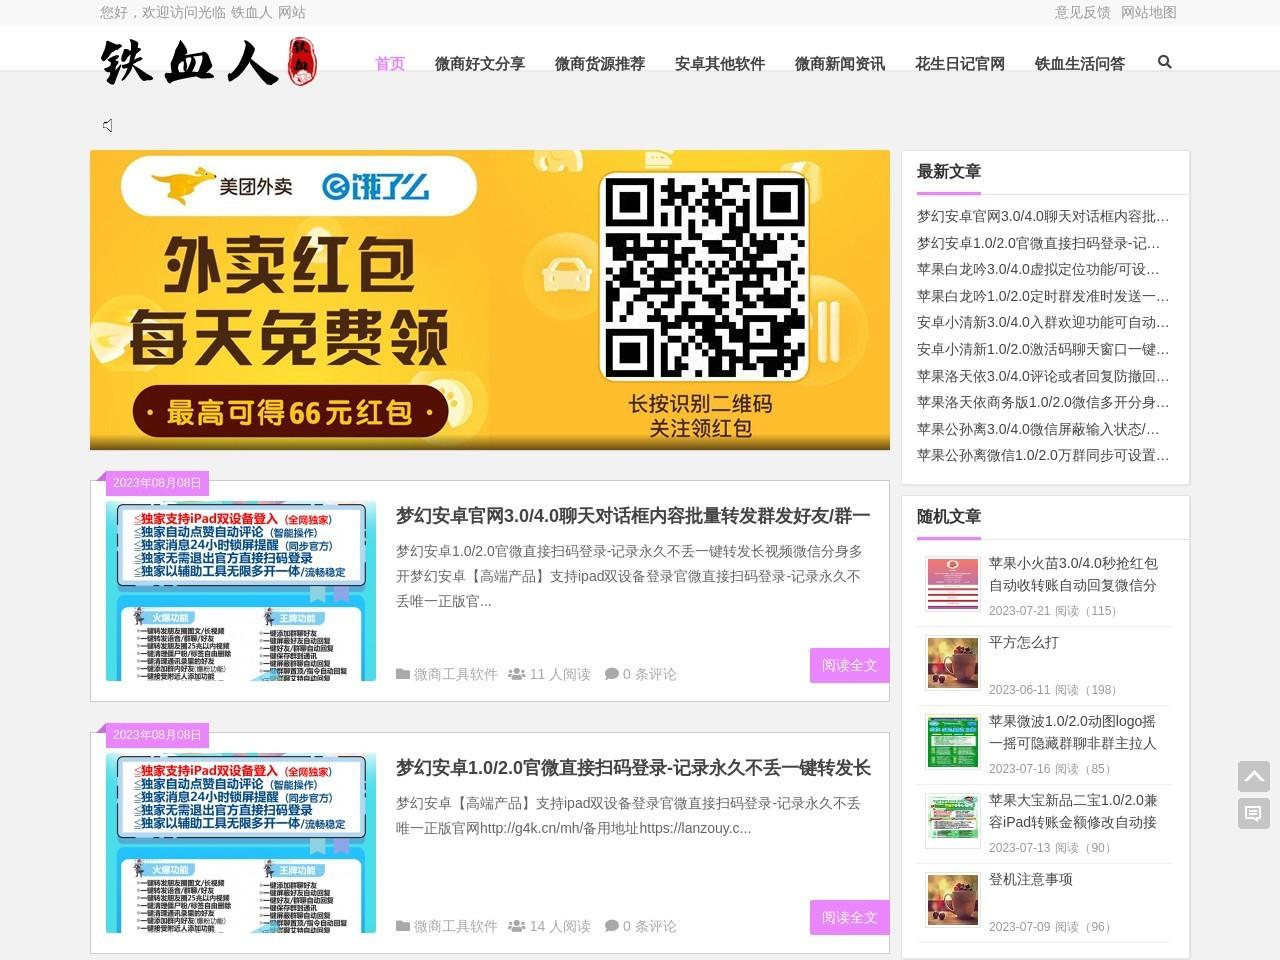 铁血人-微商推广微信营销与企业网络营销平台